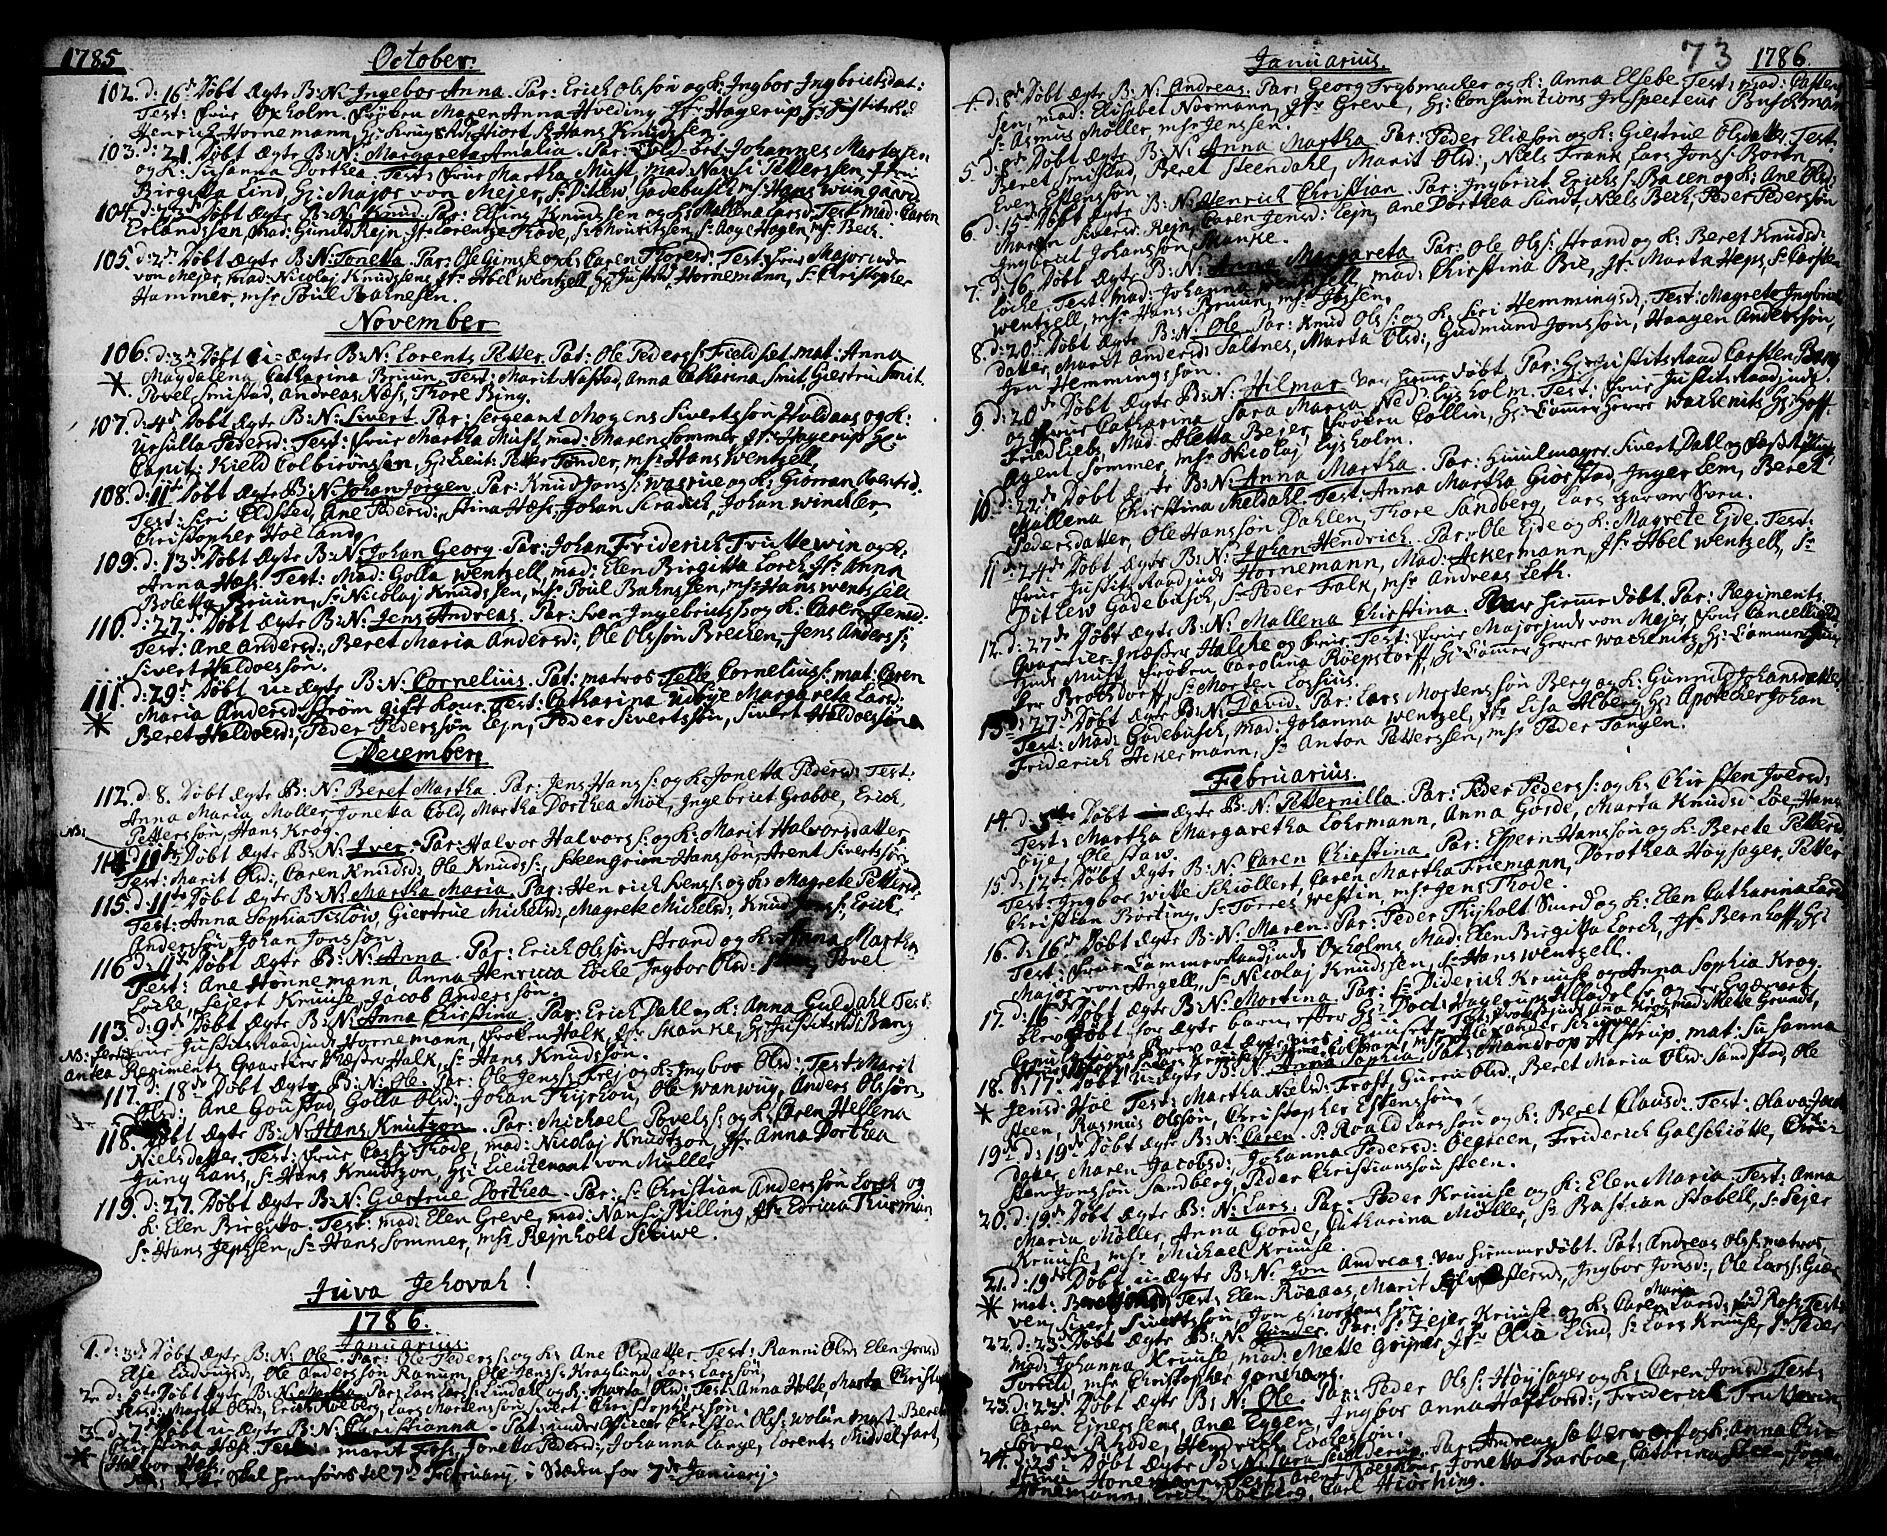 SAT, Ministerialprotokoller, klokkerbøker og fødselsregistre - Sør-Trøndelag, 601/L0039: Ministerialbok nr. 601A07, 1770-1819, s. 73